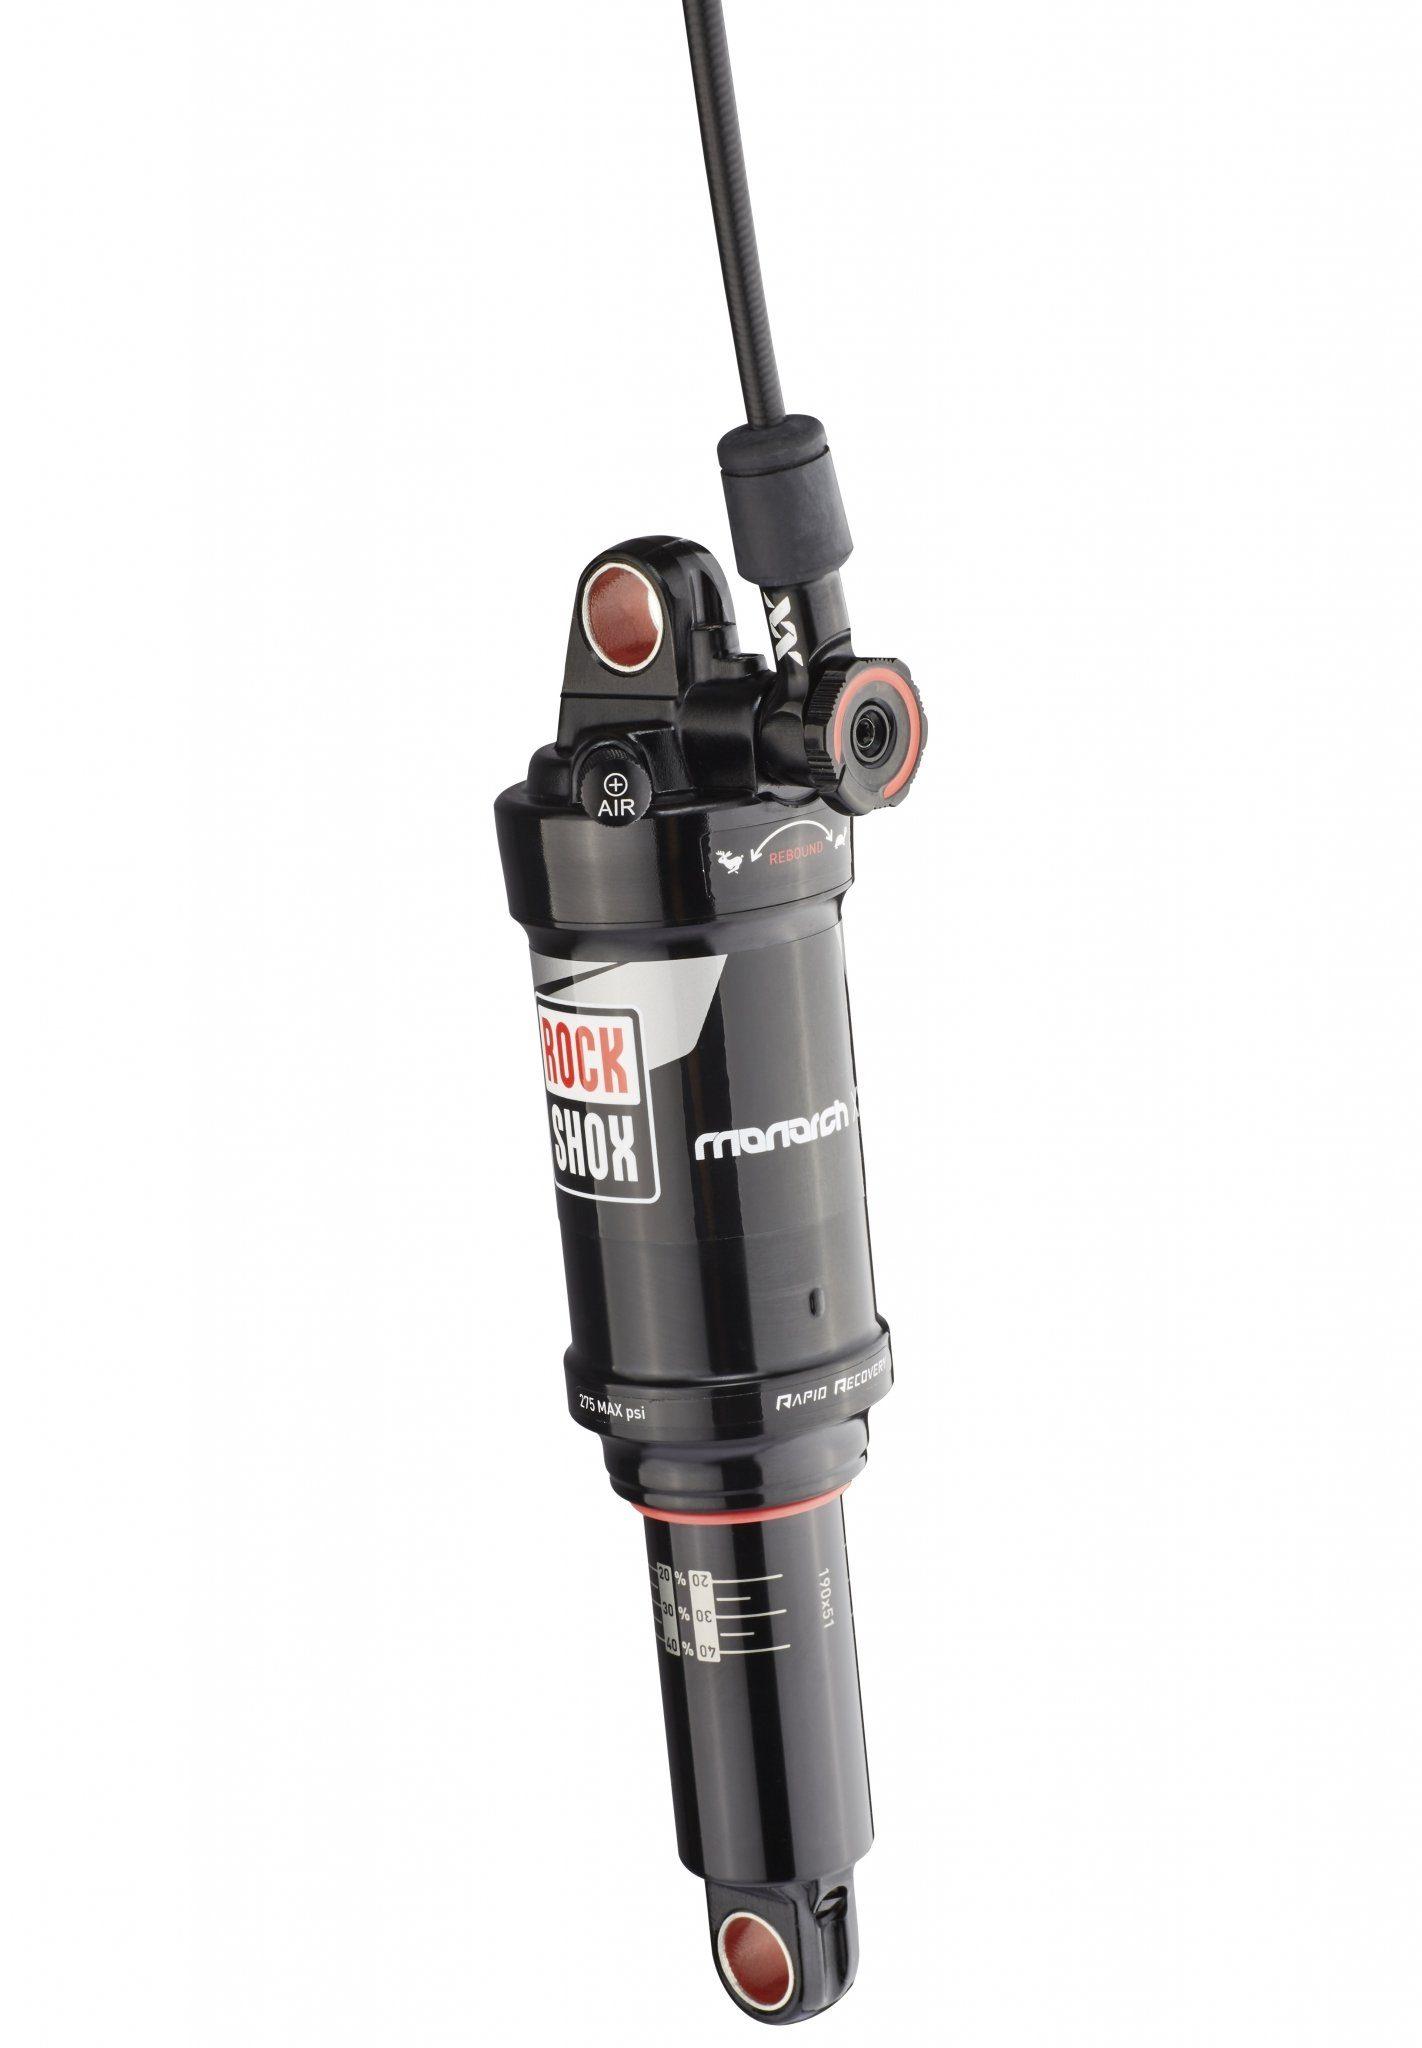 RockShox Fahrrad Dämpfer »Monarch XX 190 x 51mm 430 LF Tune mid/mid«